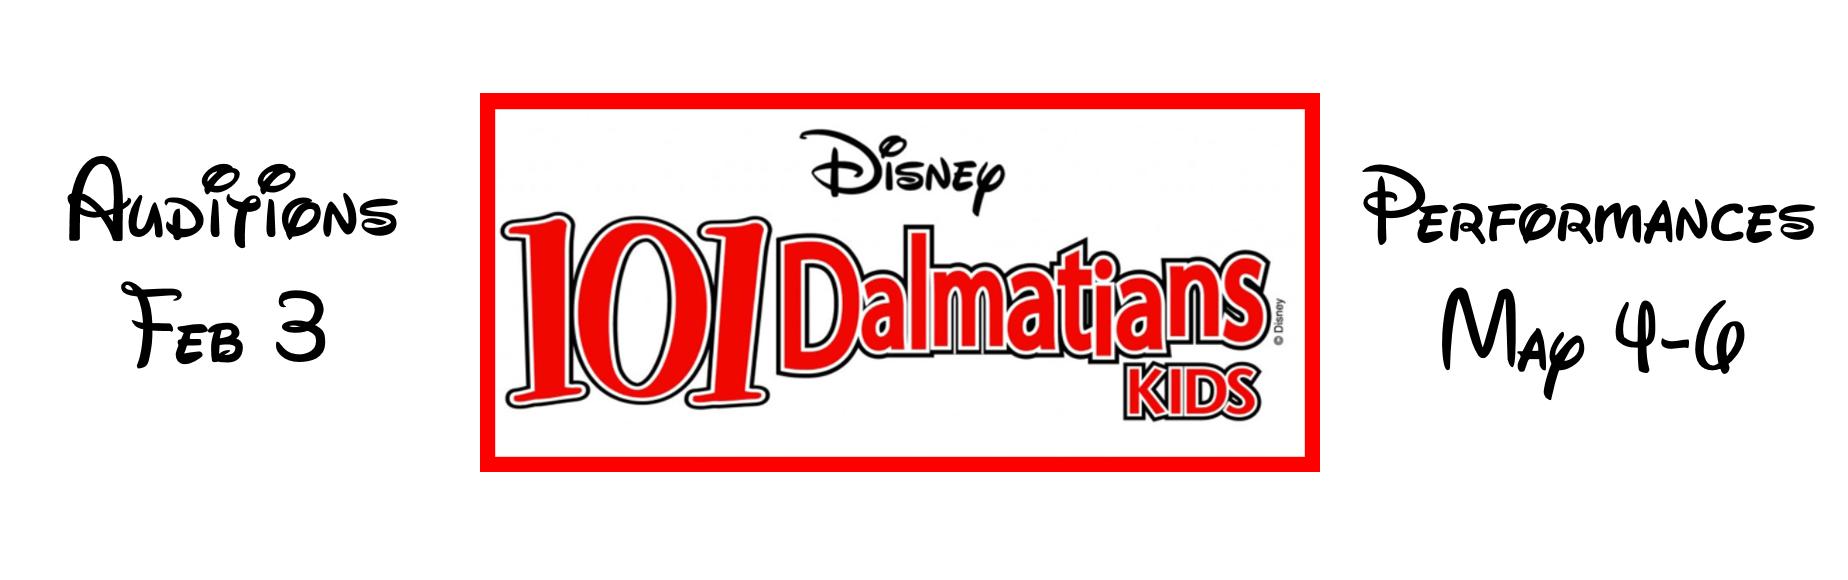 Dalmatians-new-dates